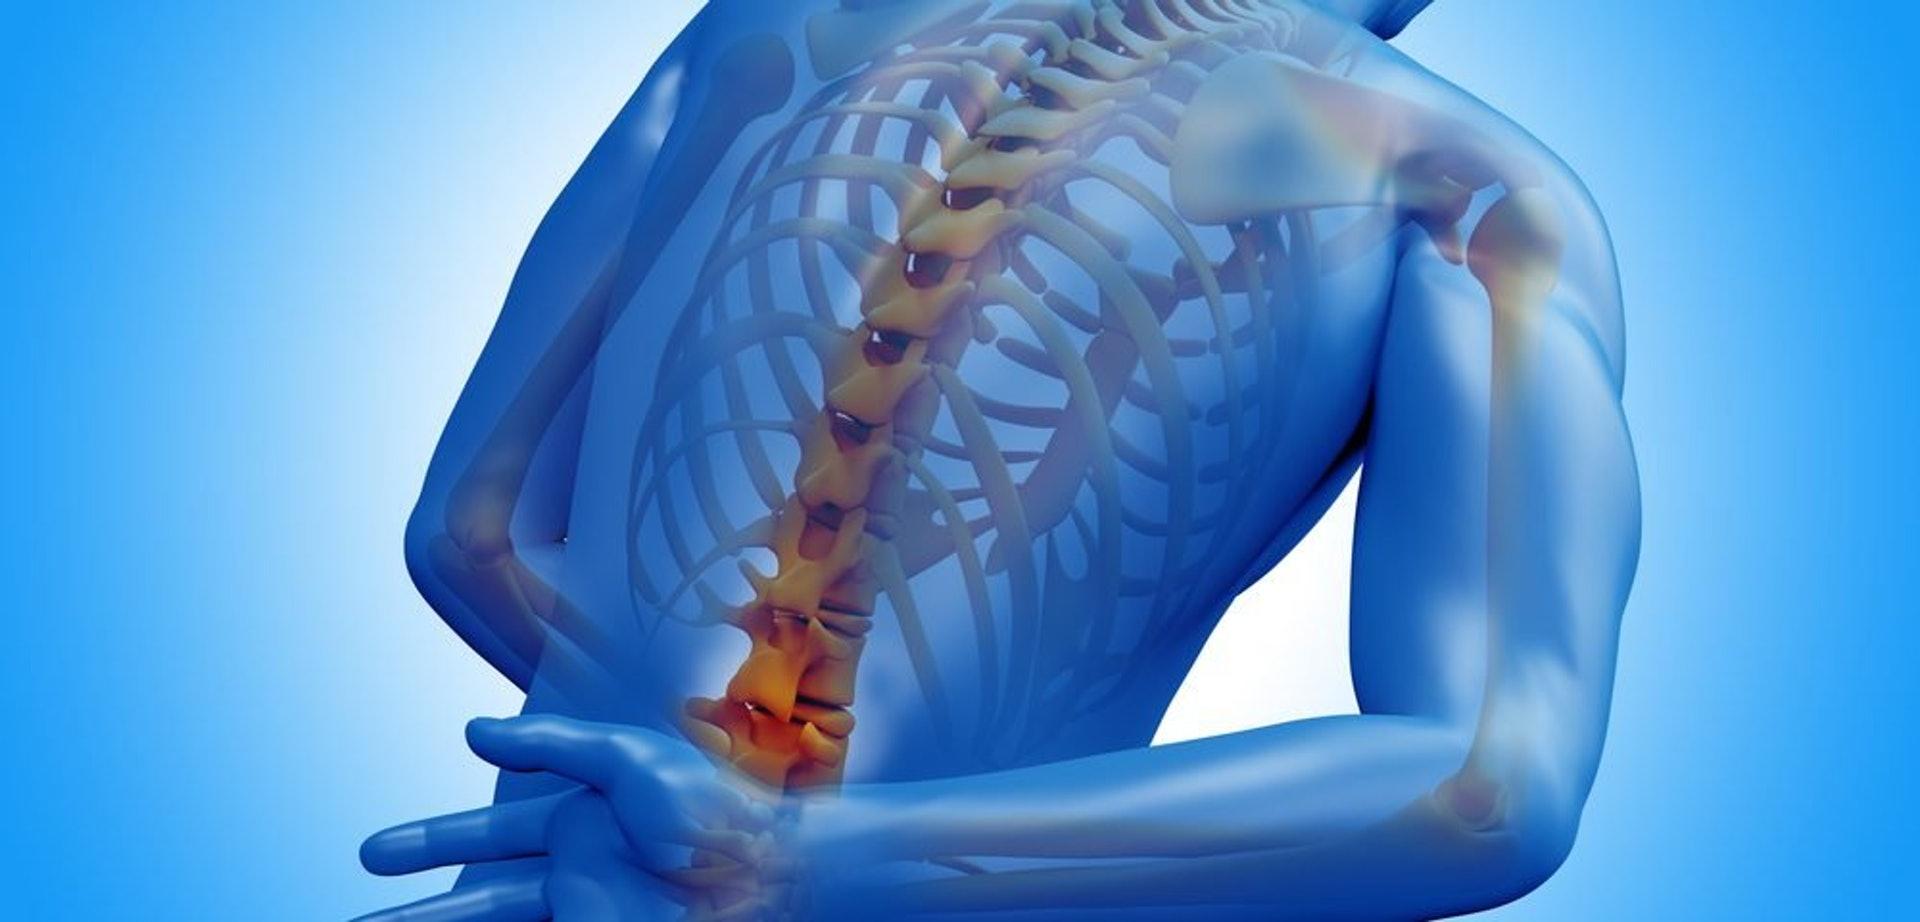 臨床發現不少強直性脊椎炎患者帶有HLA-B27基因,再加上後天環境因素,令免疫系統失調,引發此症。(圖片:ankylosingspondylitisnews)